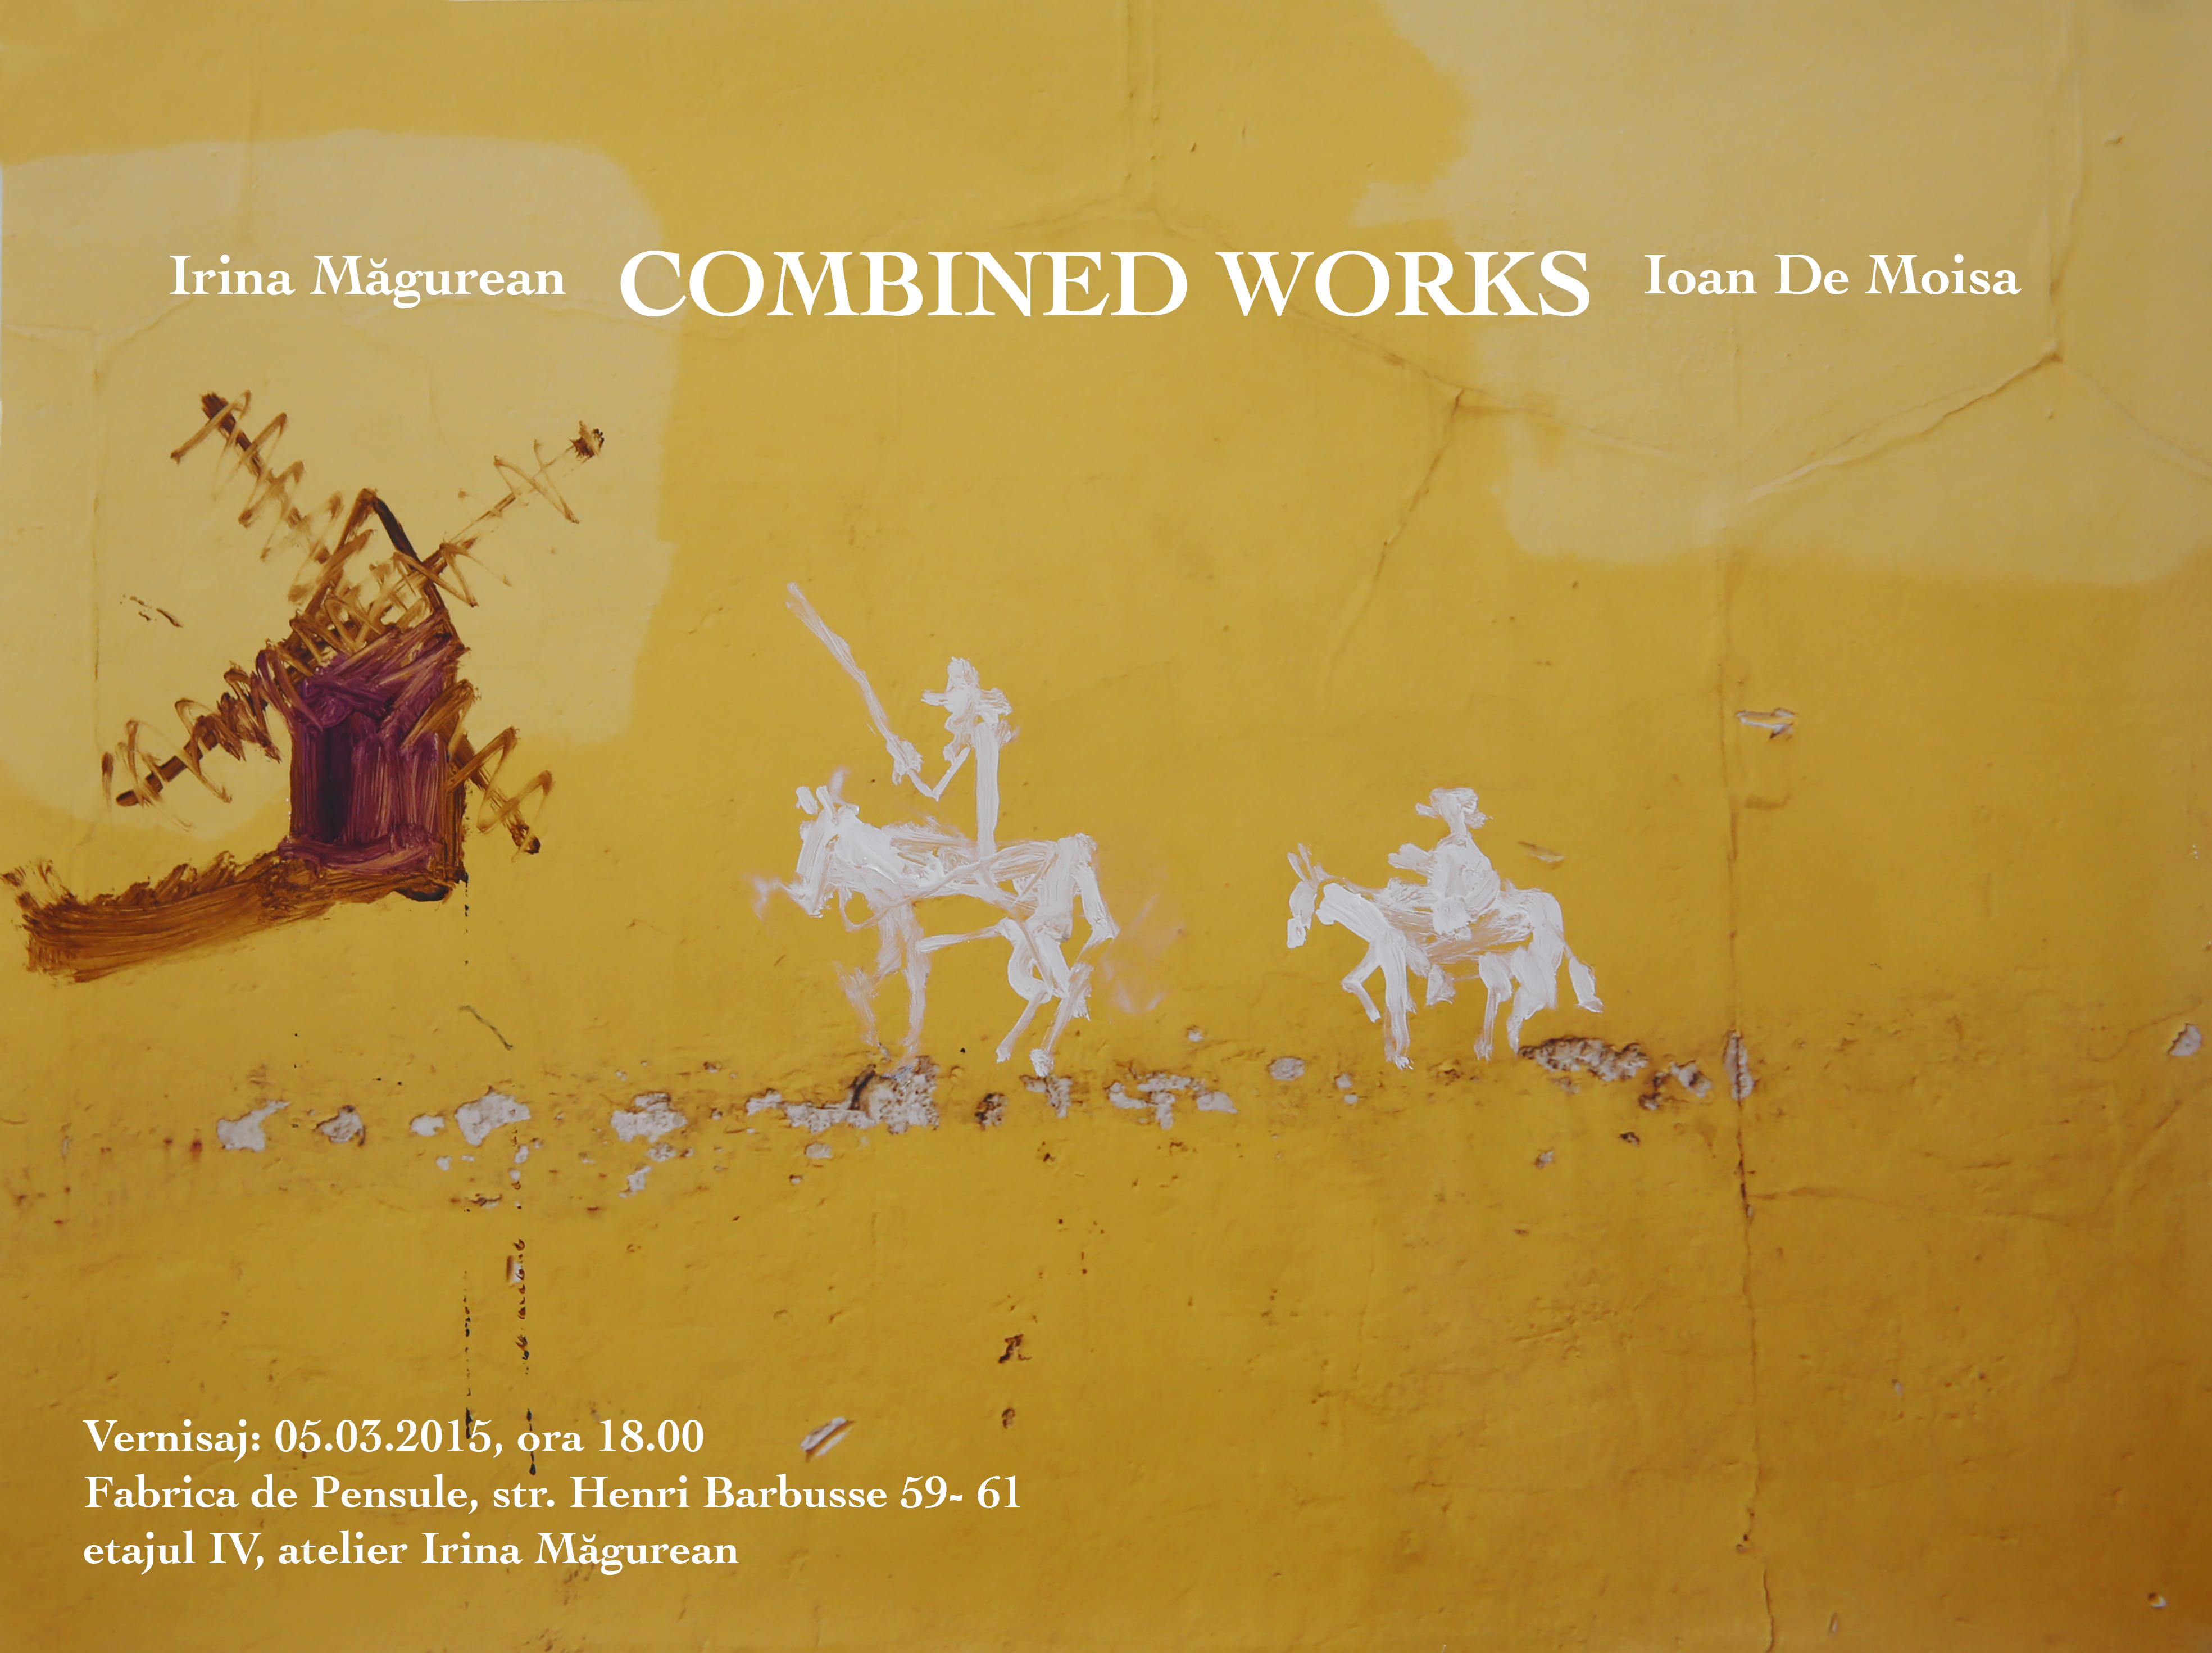 Combined works @ Fabrica de Pensule